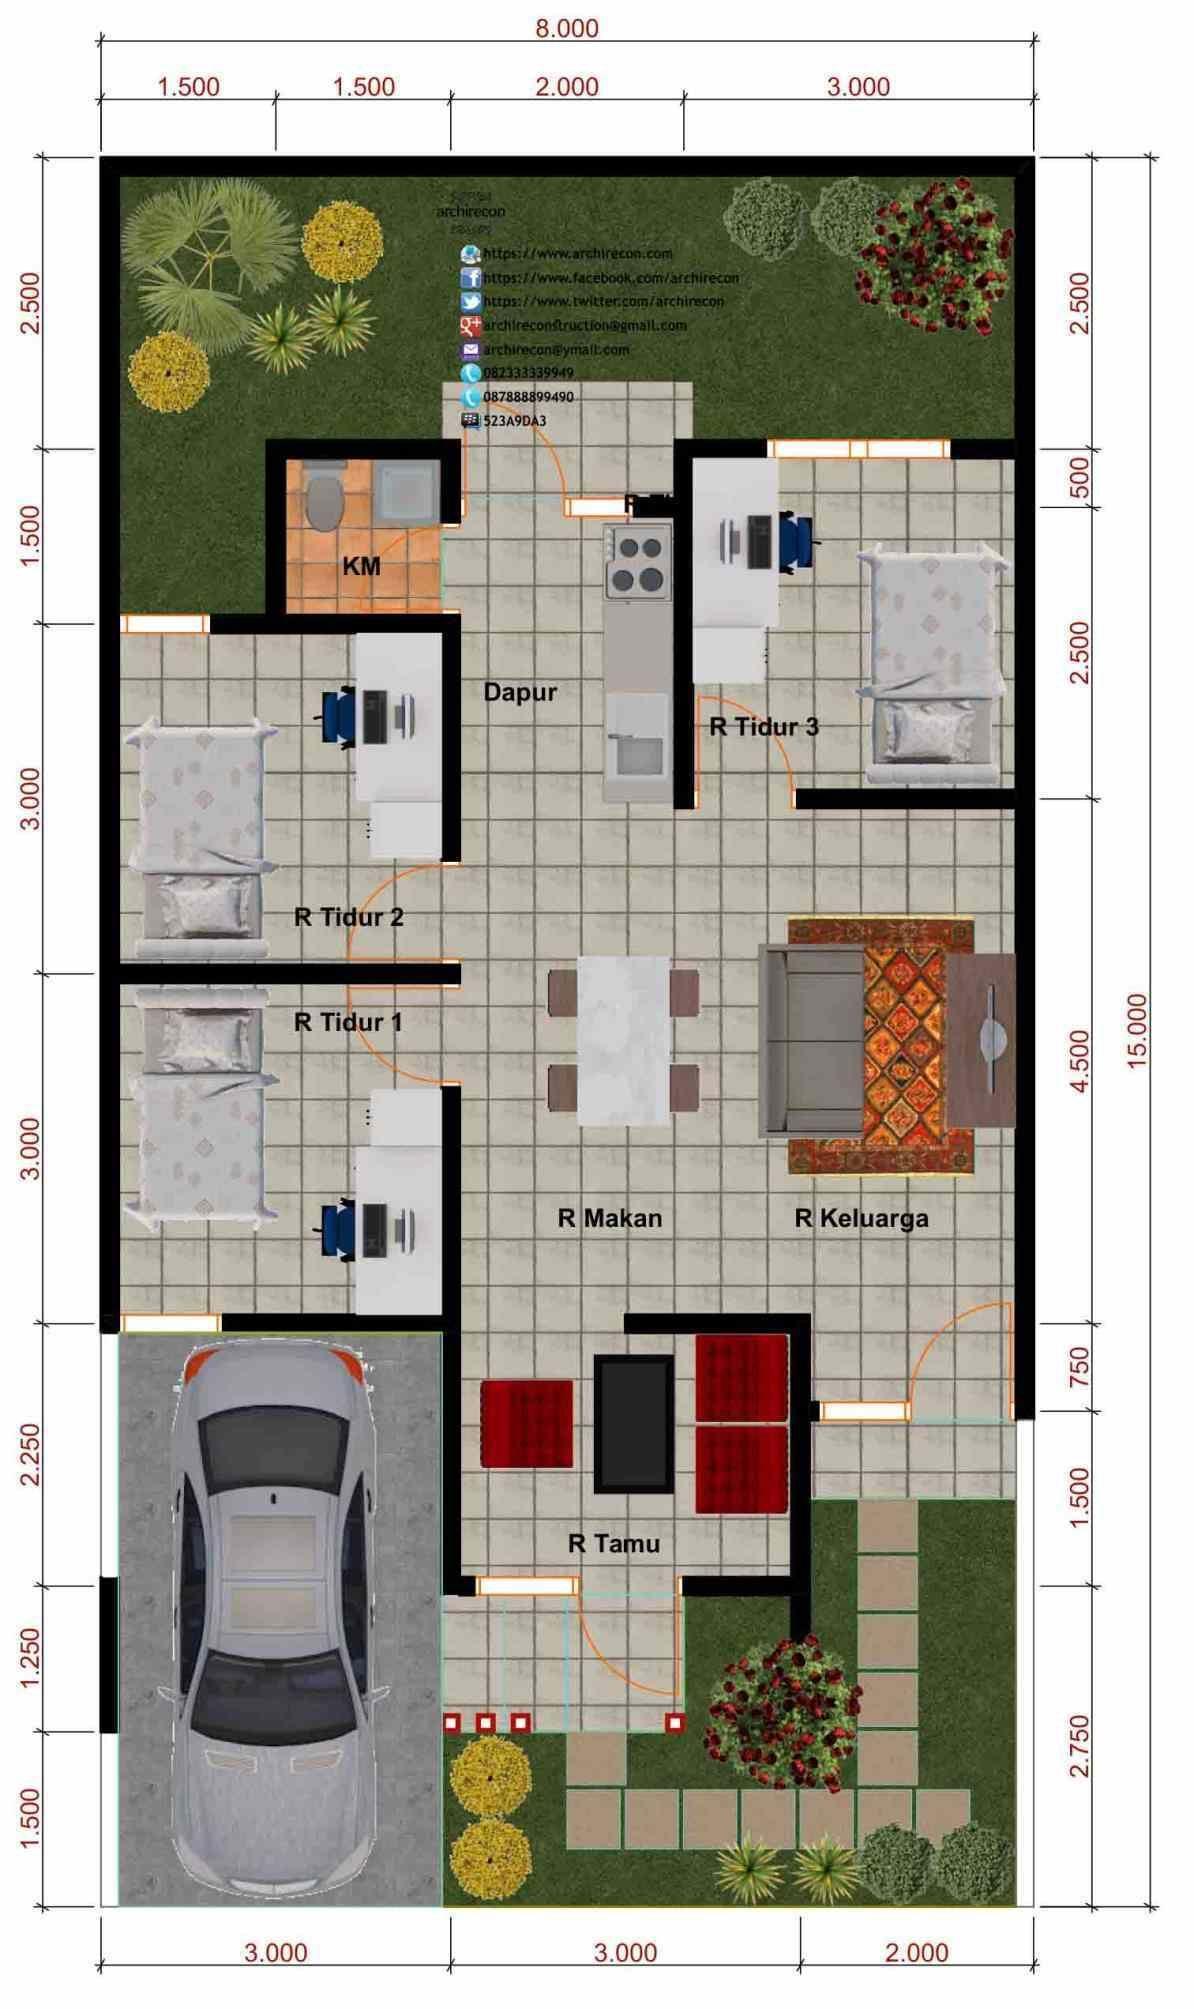 Desain Denah Rumah 3 Kamar Tidur Dan Garasi Minimalis Denah Rumah House Blueprints Desain Rumah